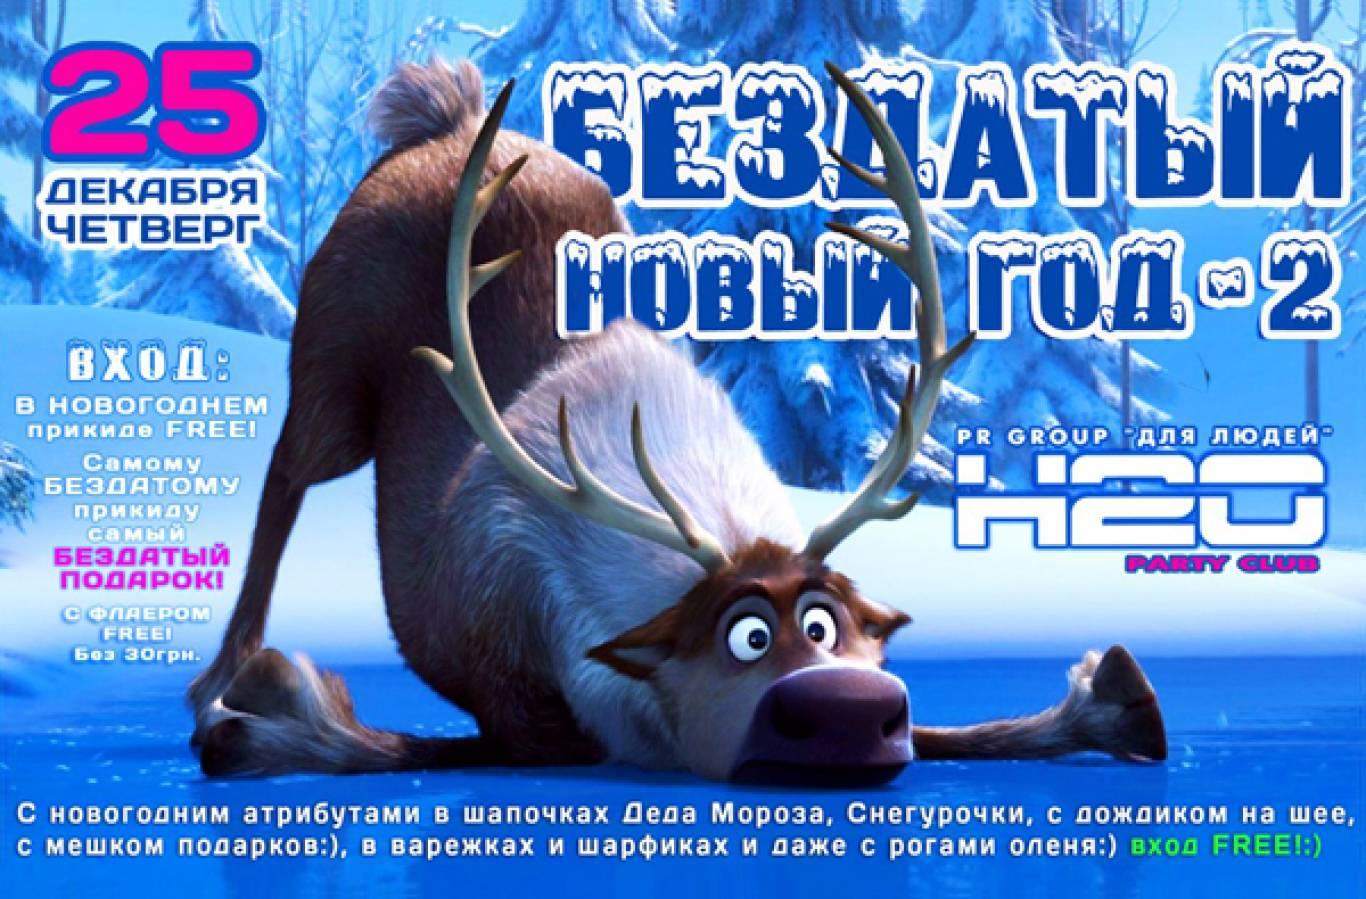 Вечірка «Бездатий новий рік-2»